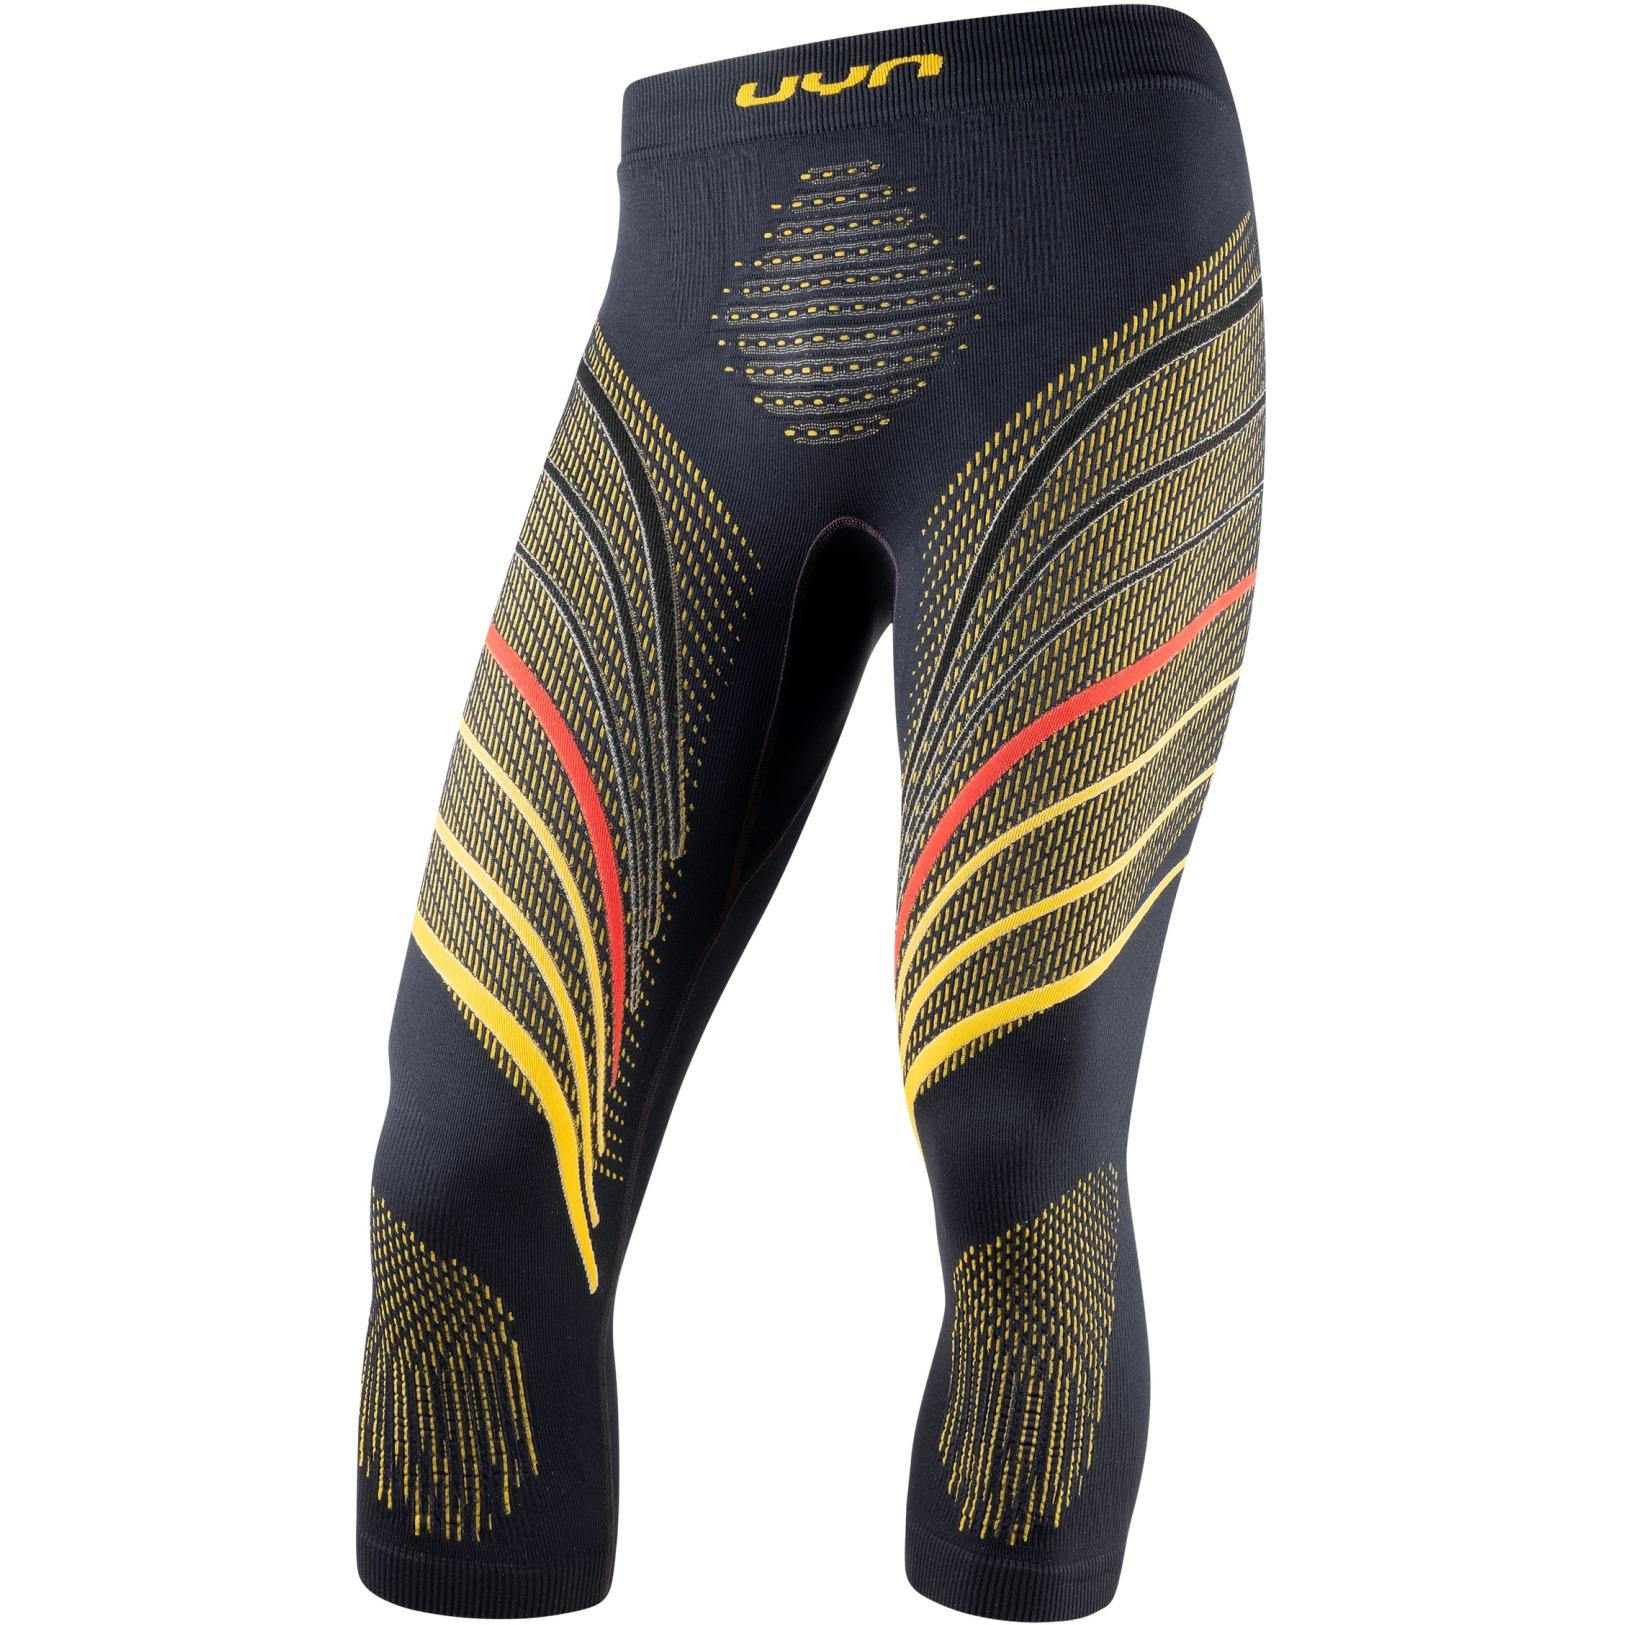 Bild von UYN Natyon 2.0 Underwear 3/4 Unterhose - Germany